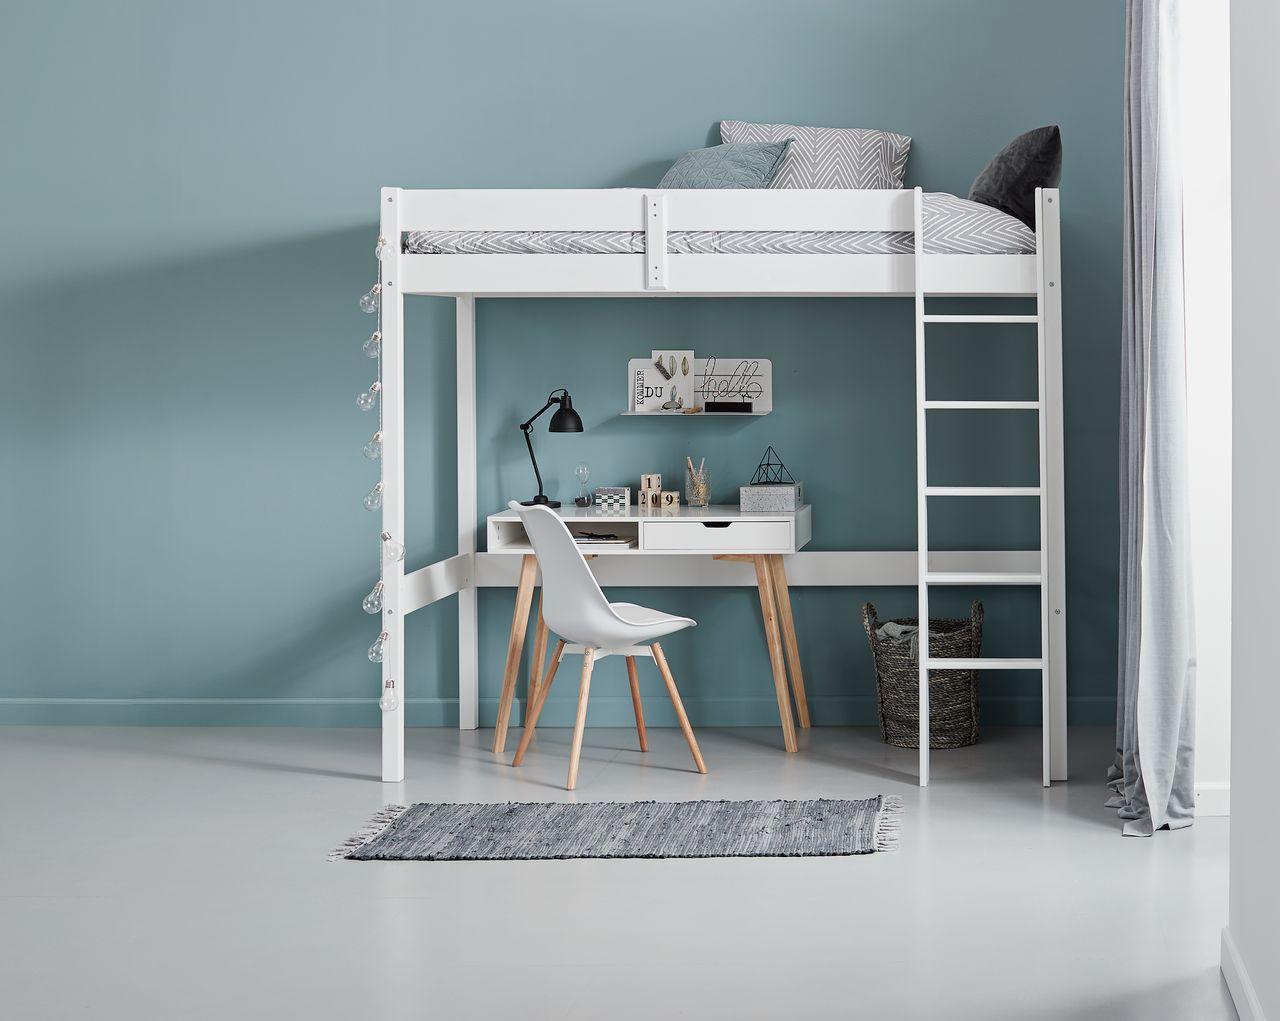 TOP 5 mẫu thiết kế phòng ngủ nhỏ đẹp, hiện đại, đơn giản 2021